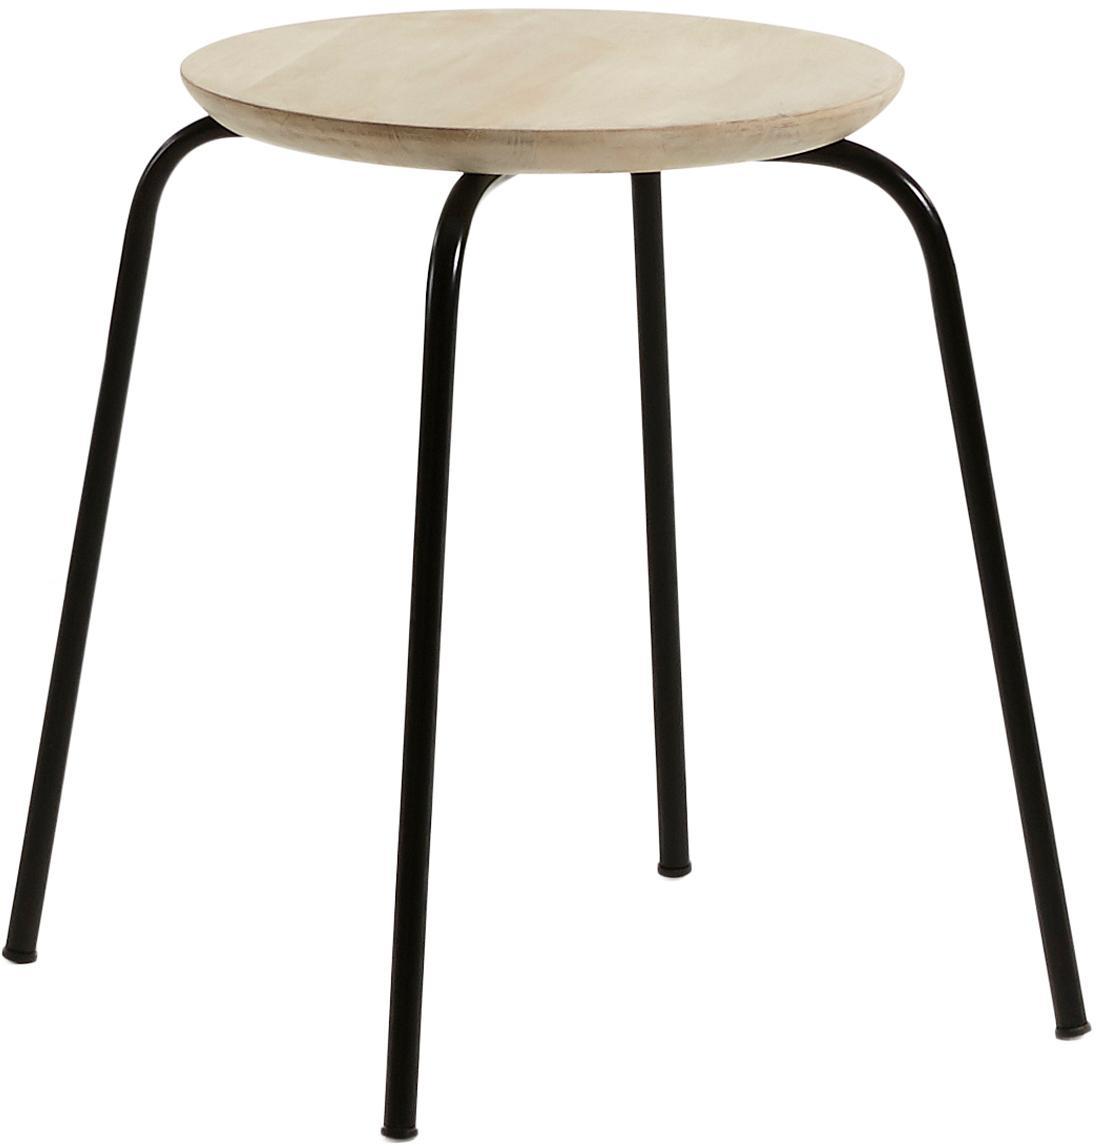 Stołek do układania w stos Ren, Nogi: metal lakierowany, Drewno mangowe, czarny, Ø 40 x W 45 cm